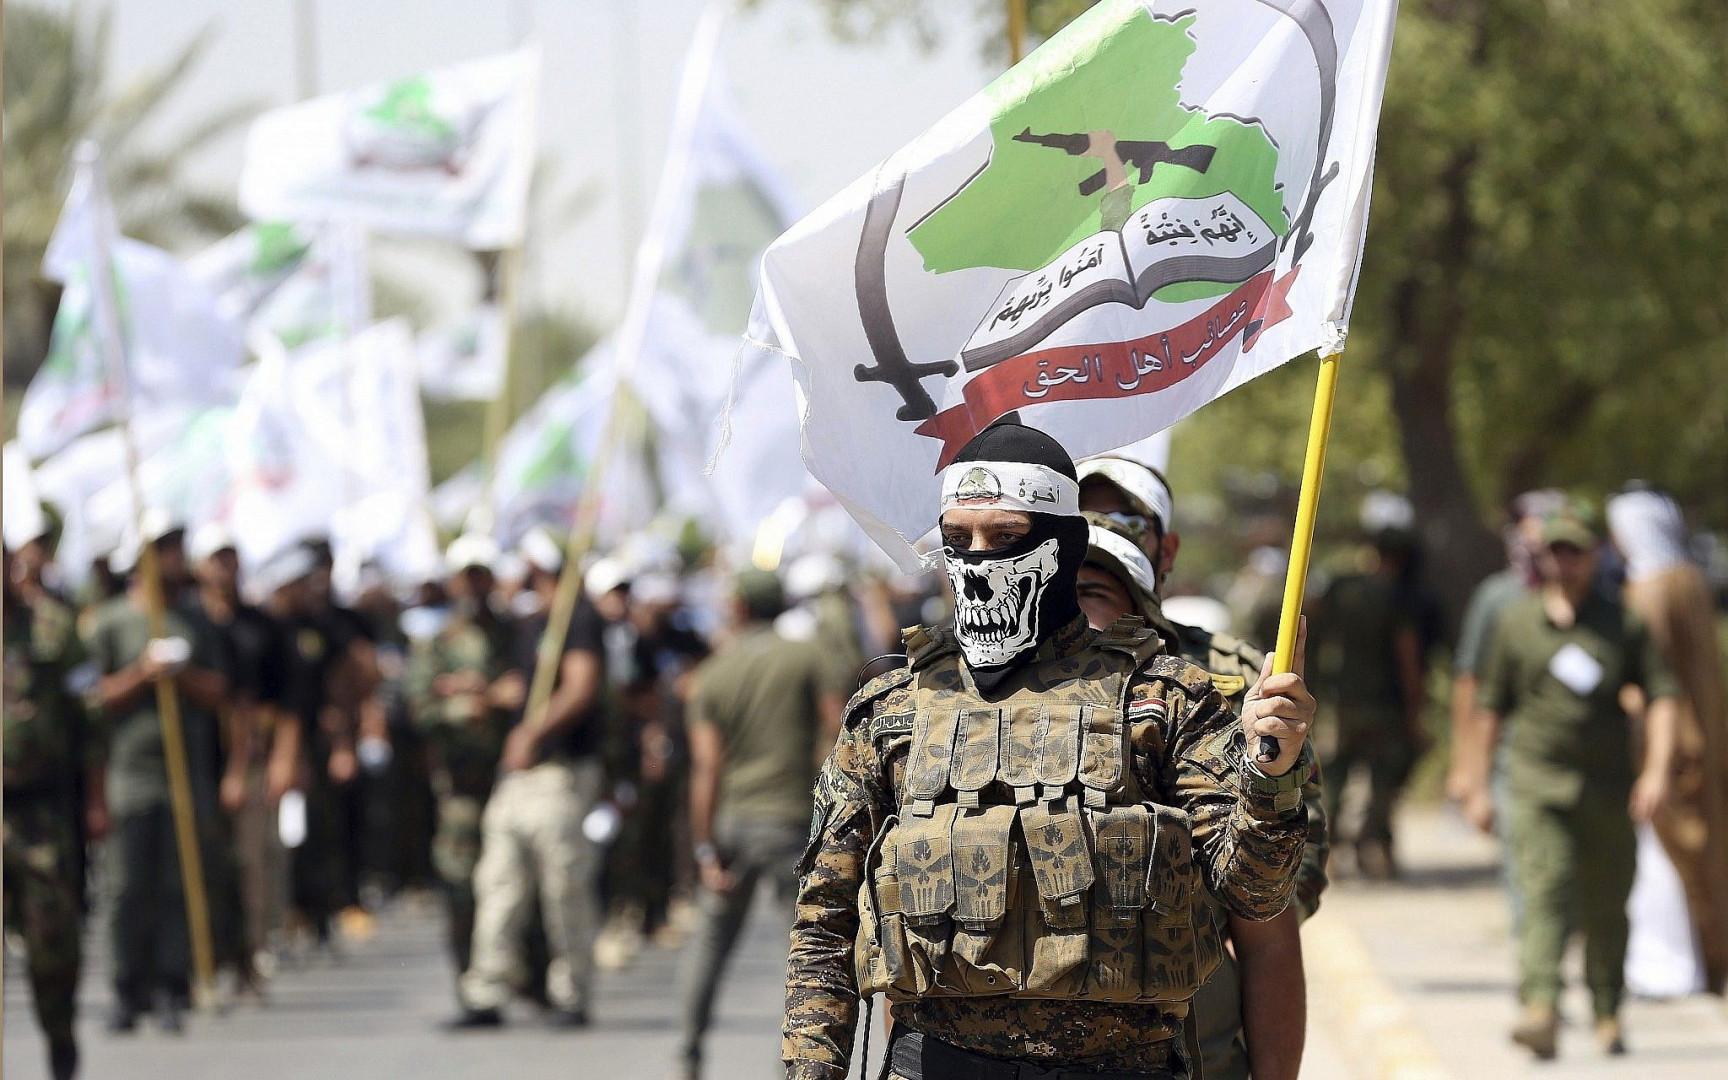 جرحى في اشتباكات بين أمن الحشد والعصائب في دائرة حكومية بالموصل